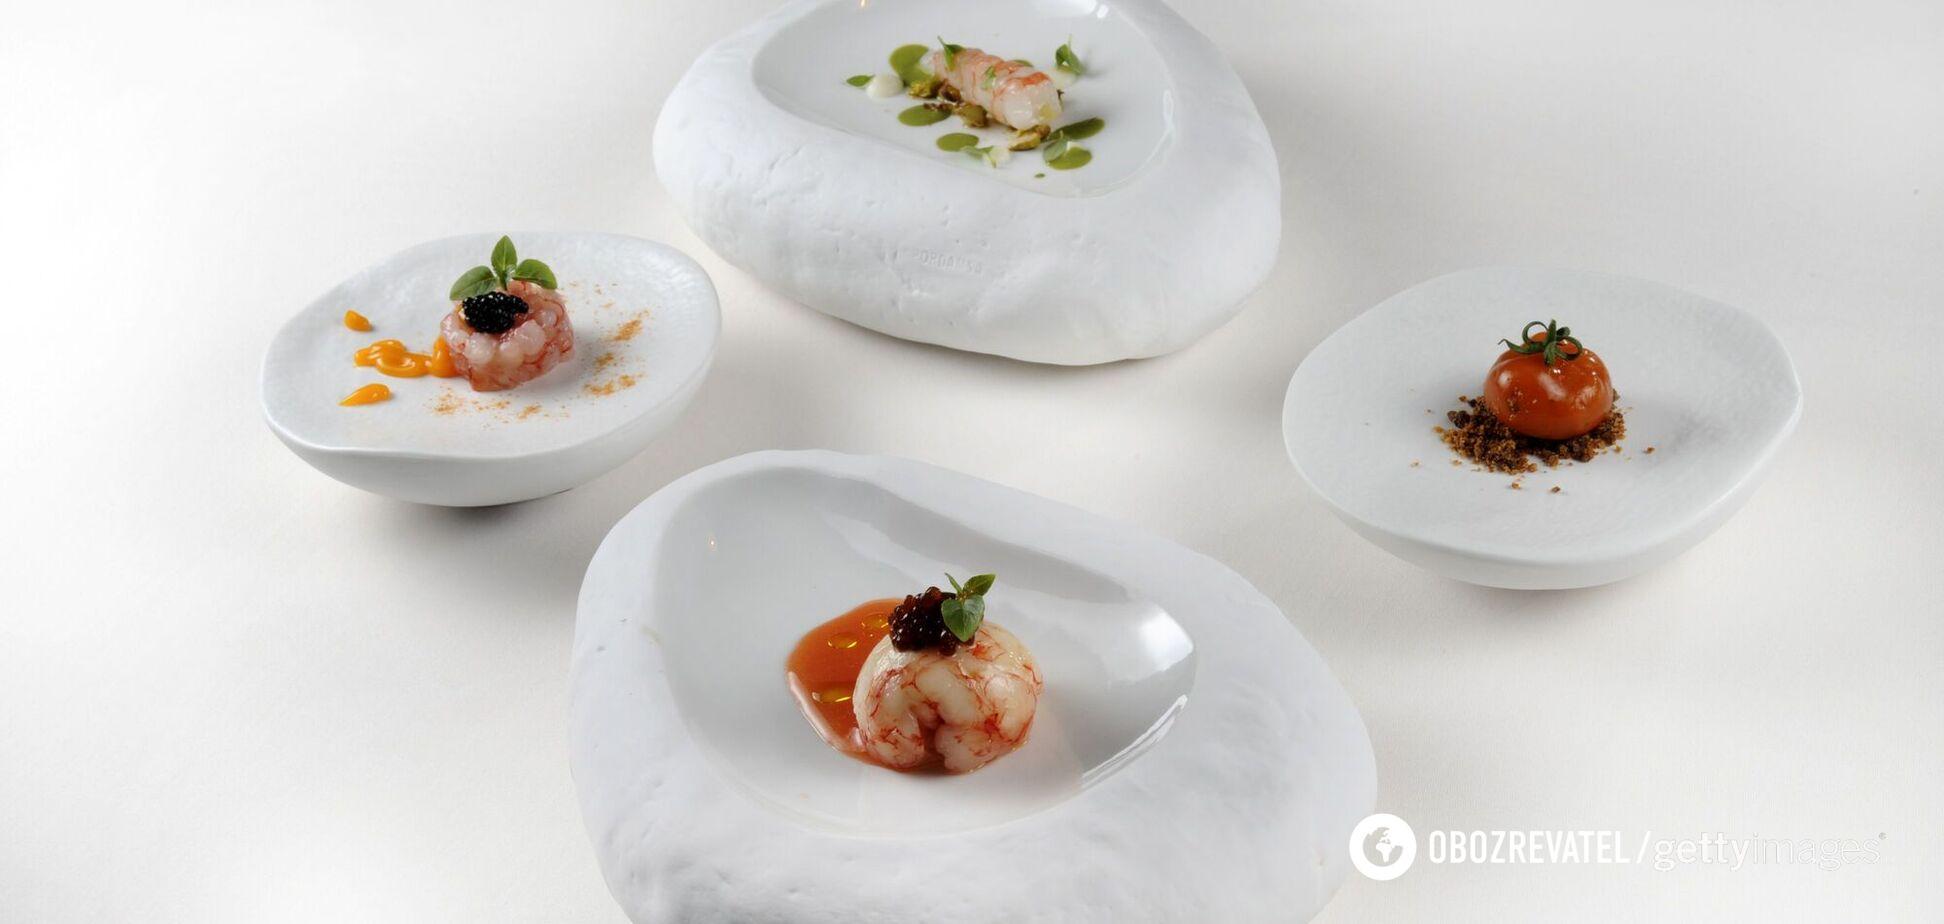 Michelin начали проверять рестораны Украины: цены в заведениях могут взлететь